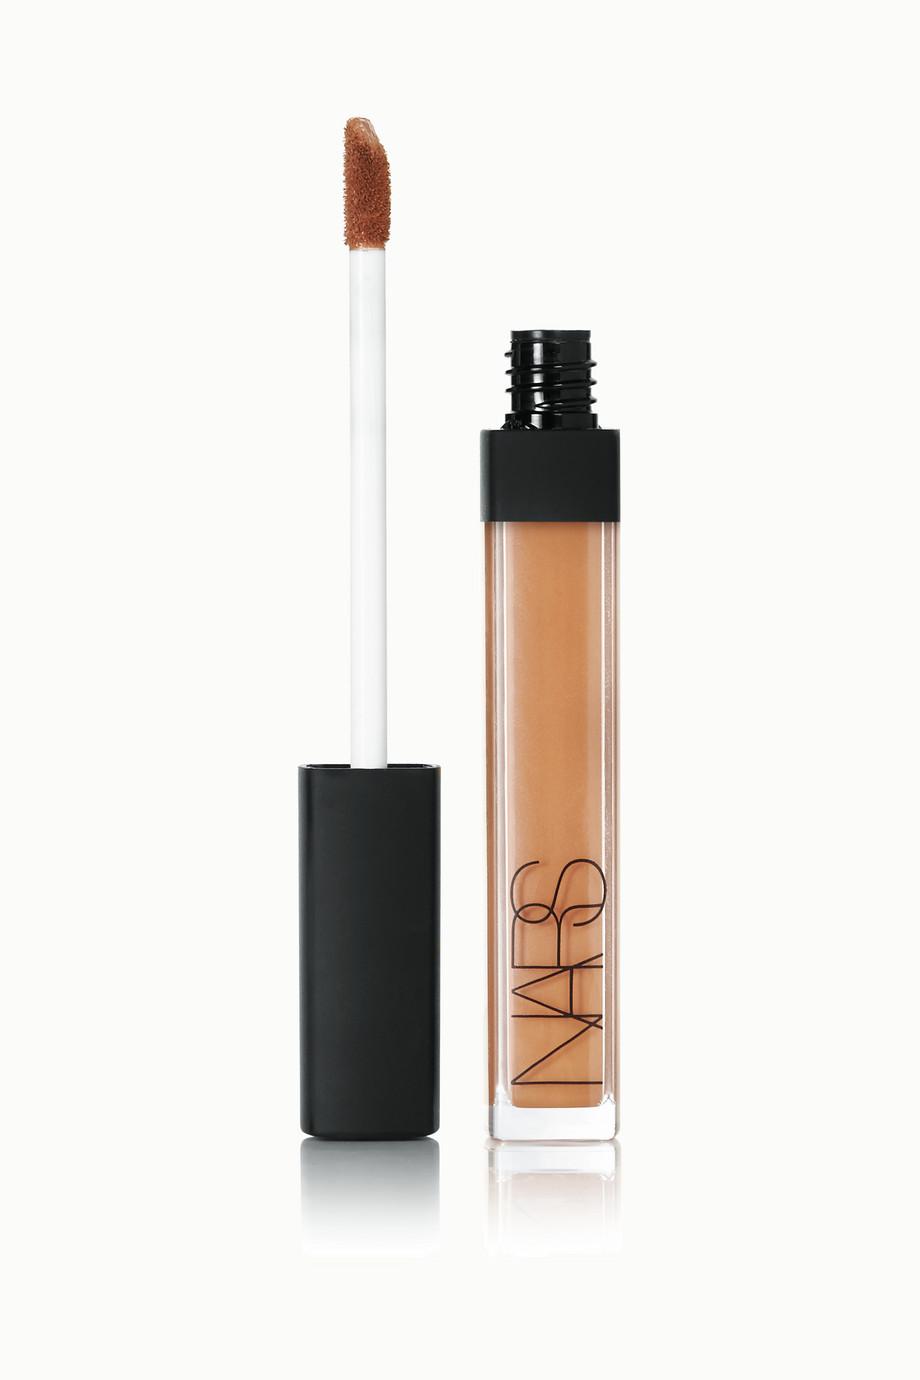 NARS Radiant Creamy Concealer - Ginger, 6ml